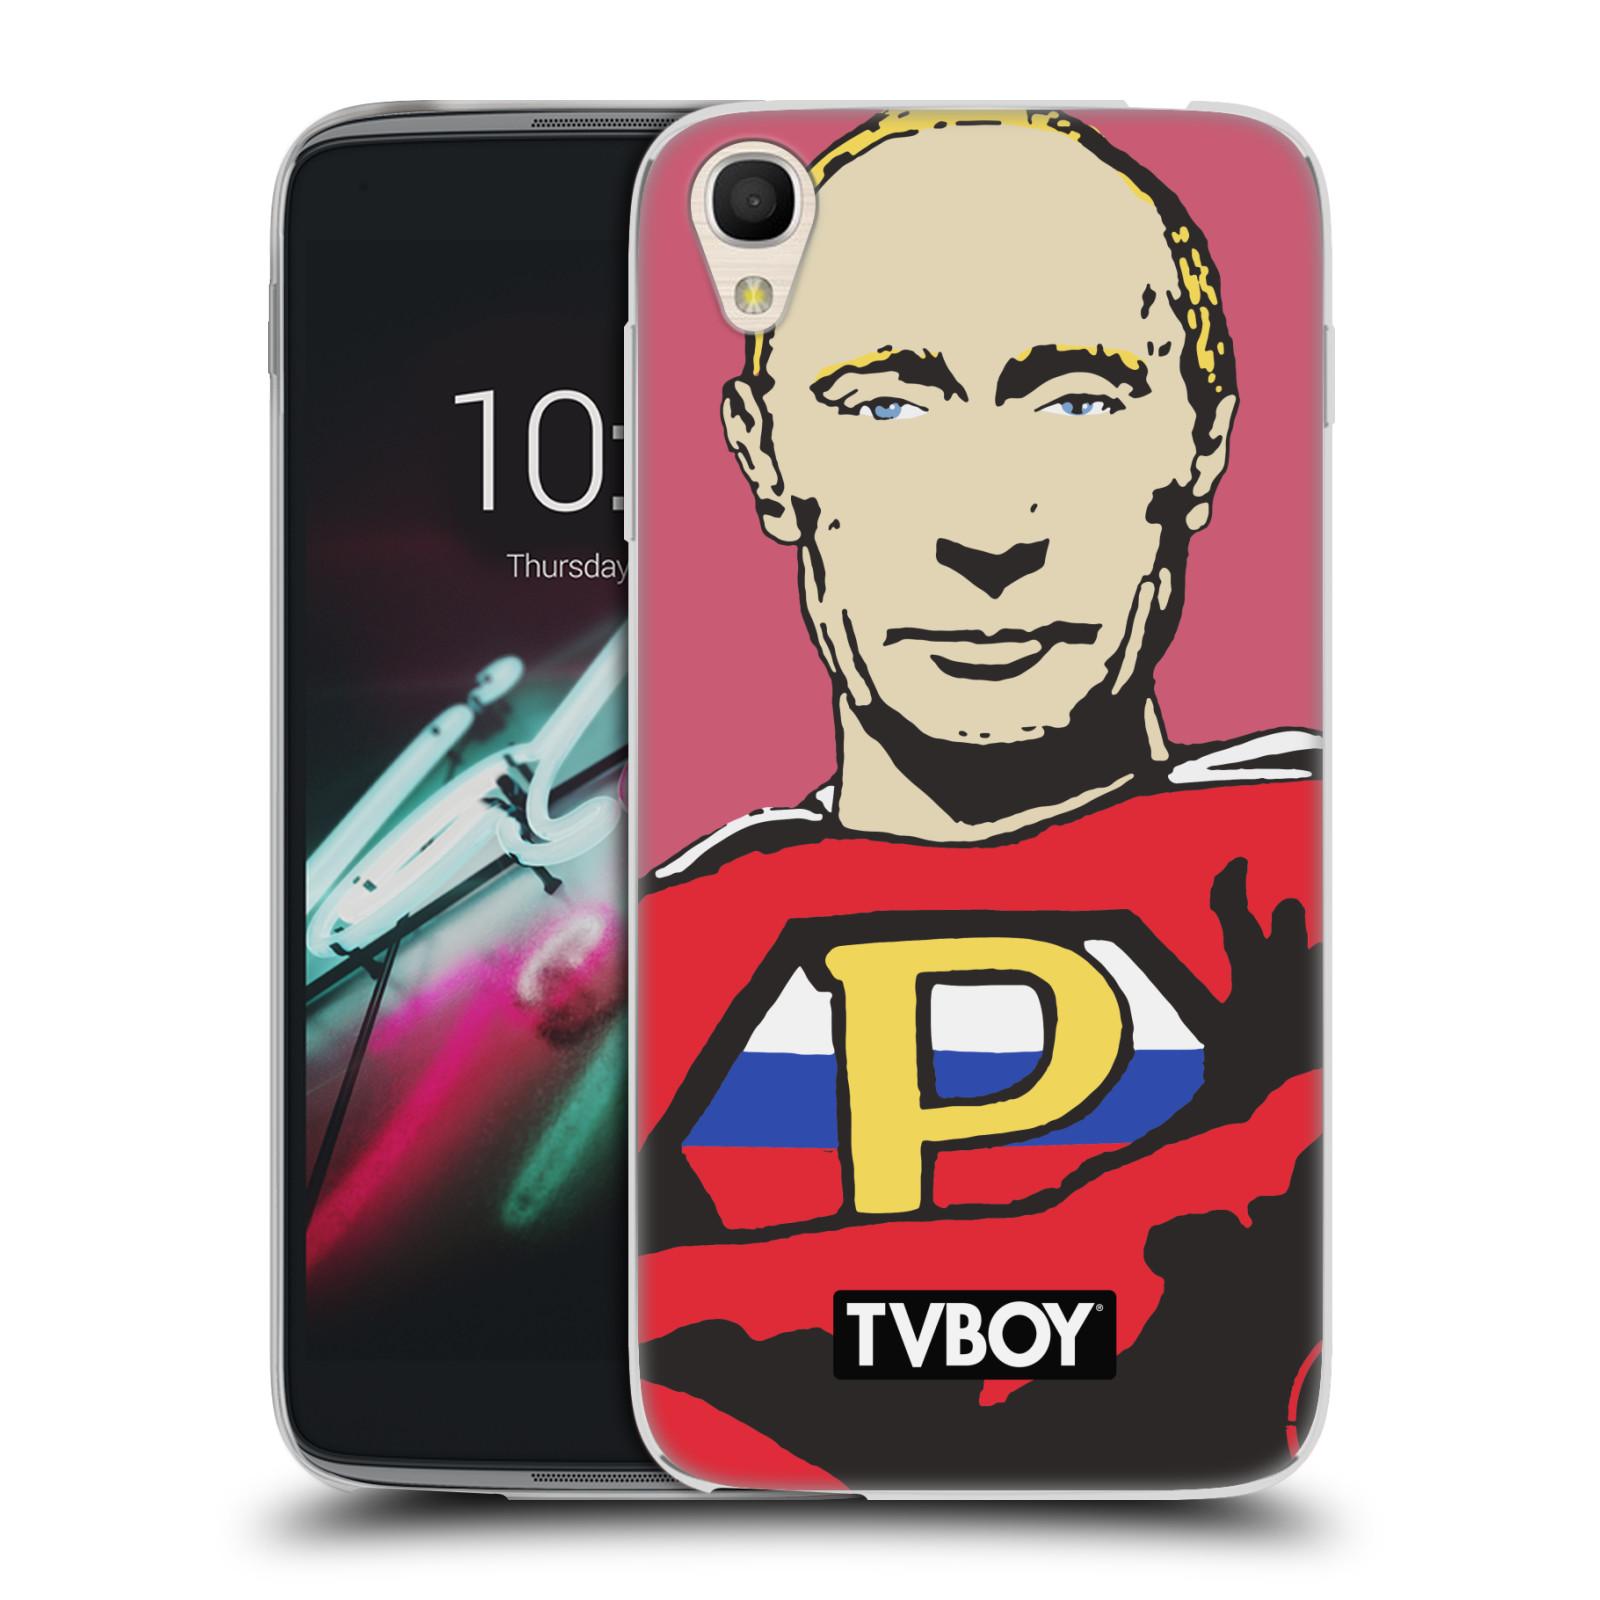 """Silikonové pouzdro na mobil Alcatel One Touch 6039Y Idol 3 HEAD CASE - TVBOY - Super Putin (Silikonový kryt či obal na mobilní telefon s licencovaným motivem TVBOY pro Alcatel One Touch Idol 3 OT-6039Y s 4,7"""" displejem)"""